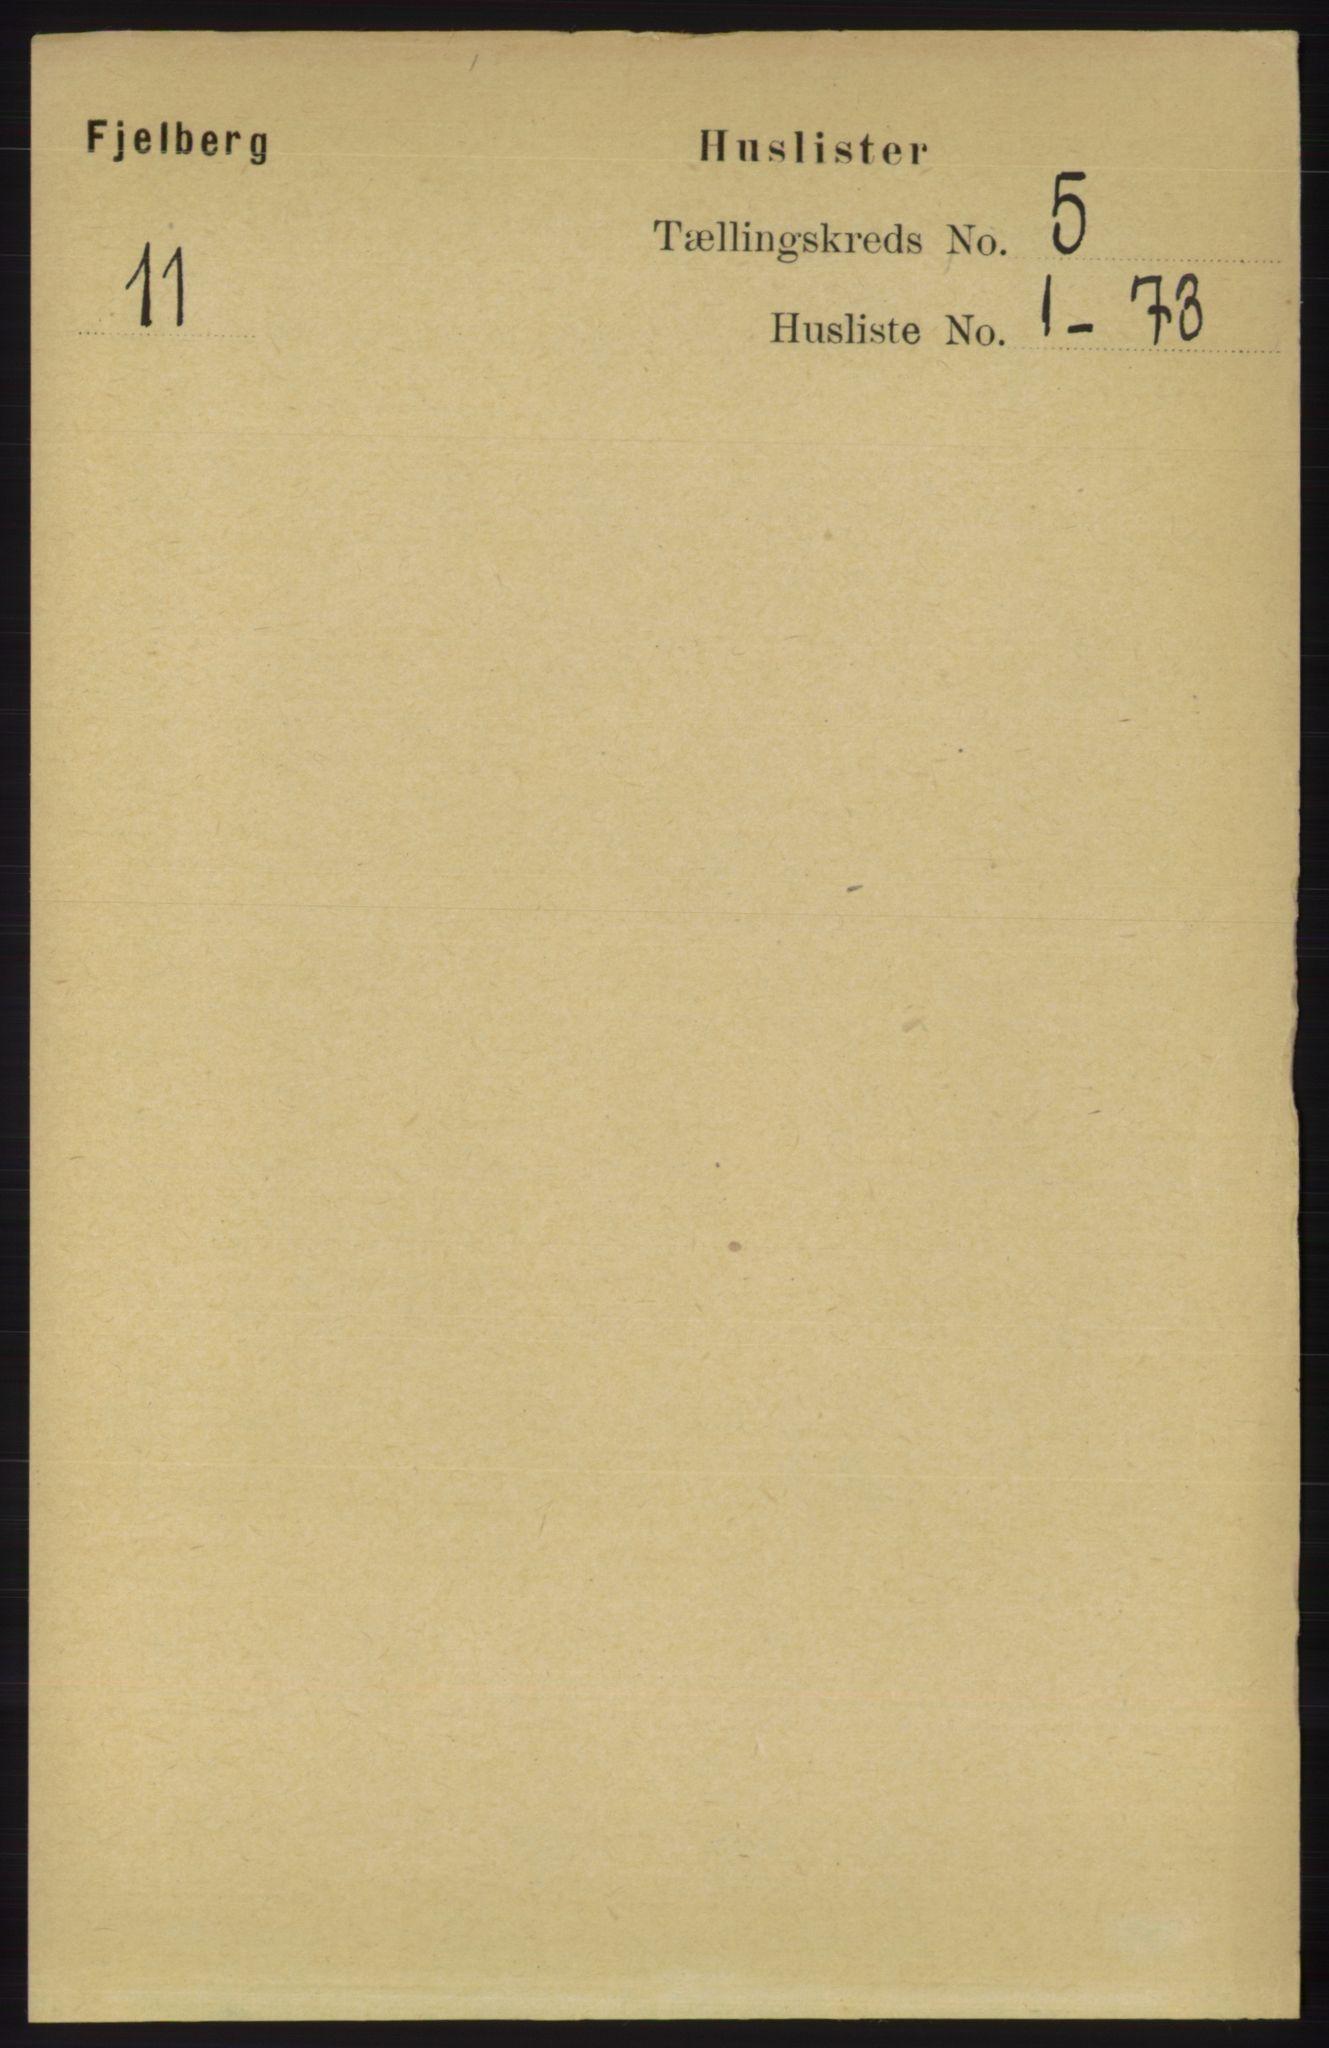 RA, Folketelling 1891 for 1213 Fjelberg herred, 1891, s. 1408